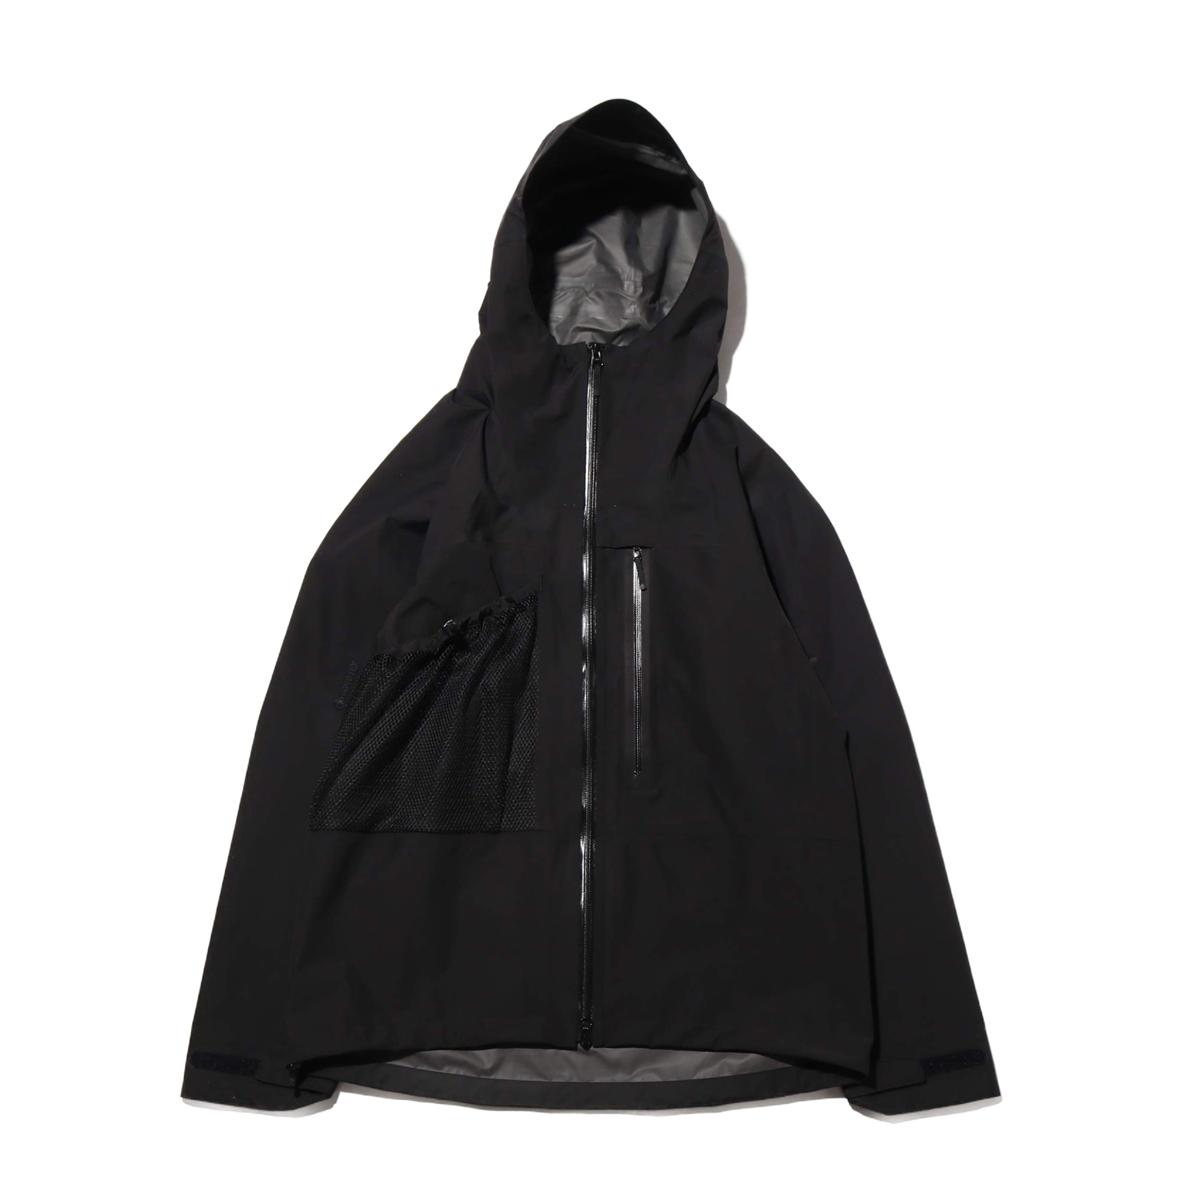 Goldwin GORE-TEX Utility Mountain Jacket(BLACK)(ゴールドウィン ゴアテックス ユーティリティ マウンテンジャケット)【メンズ】【ジャケット】【20SP-I】